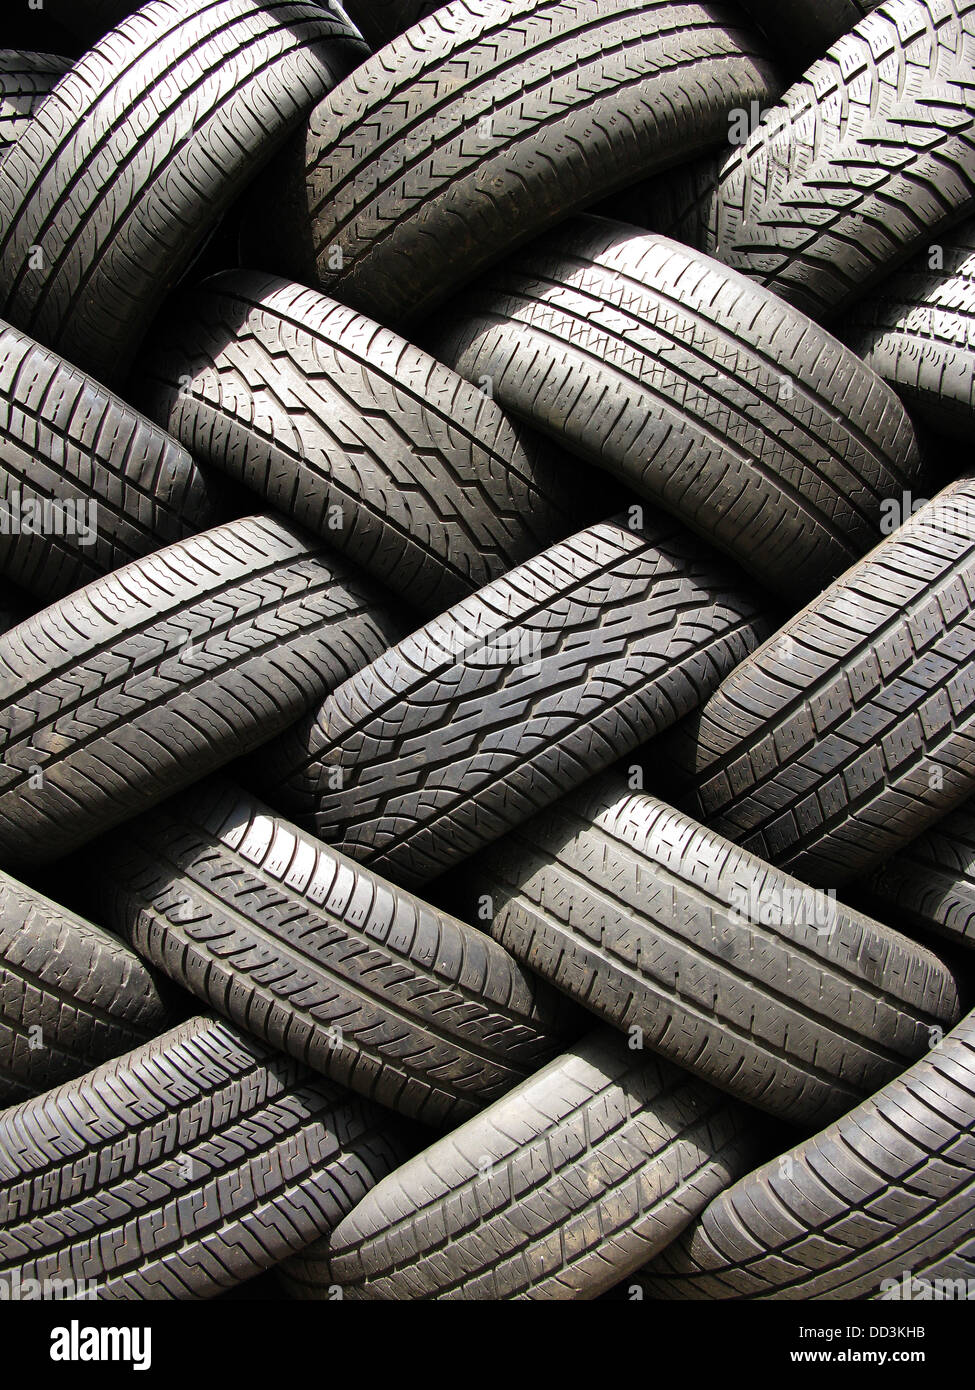 Einen großen Stapel von gebrauchten Kfz Pkw-Reifen. Stockbild